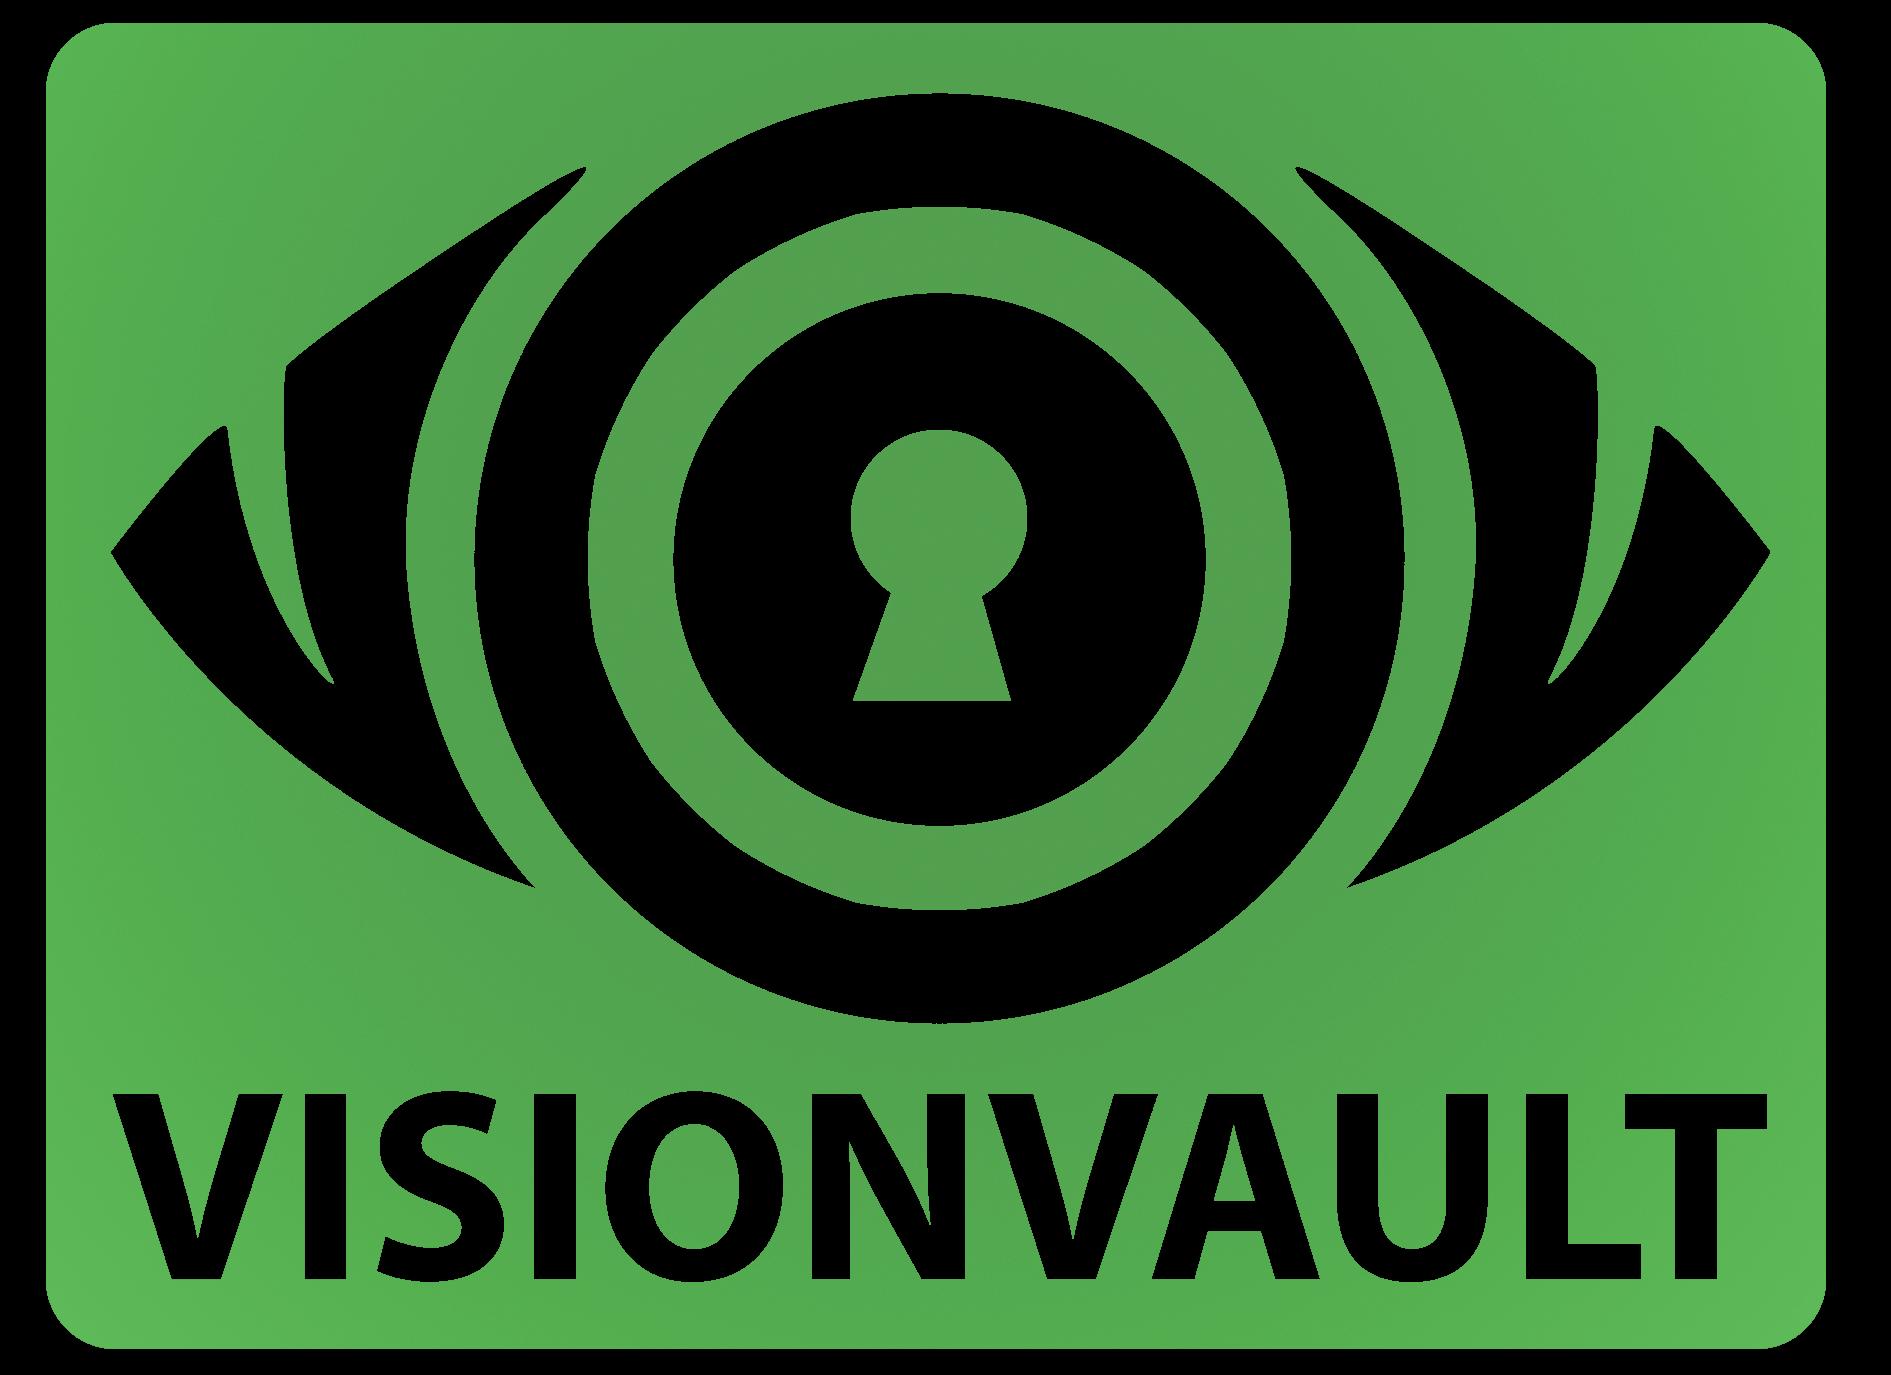 Visionvault Integrates With Cognex Visionview900